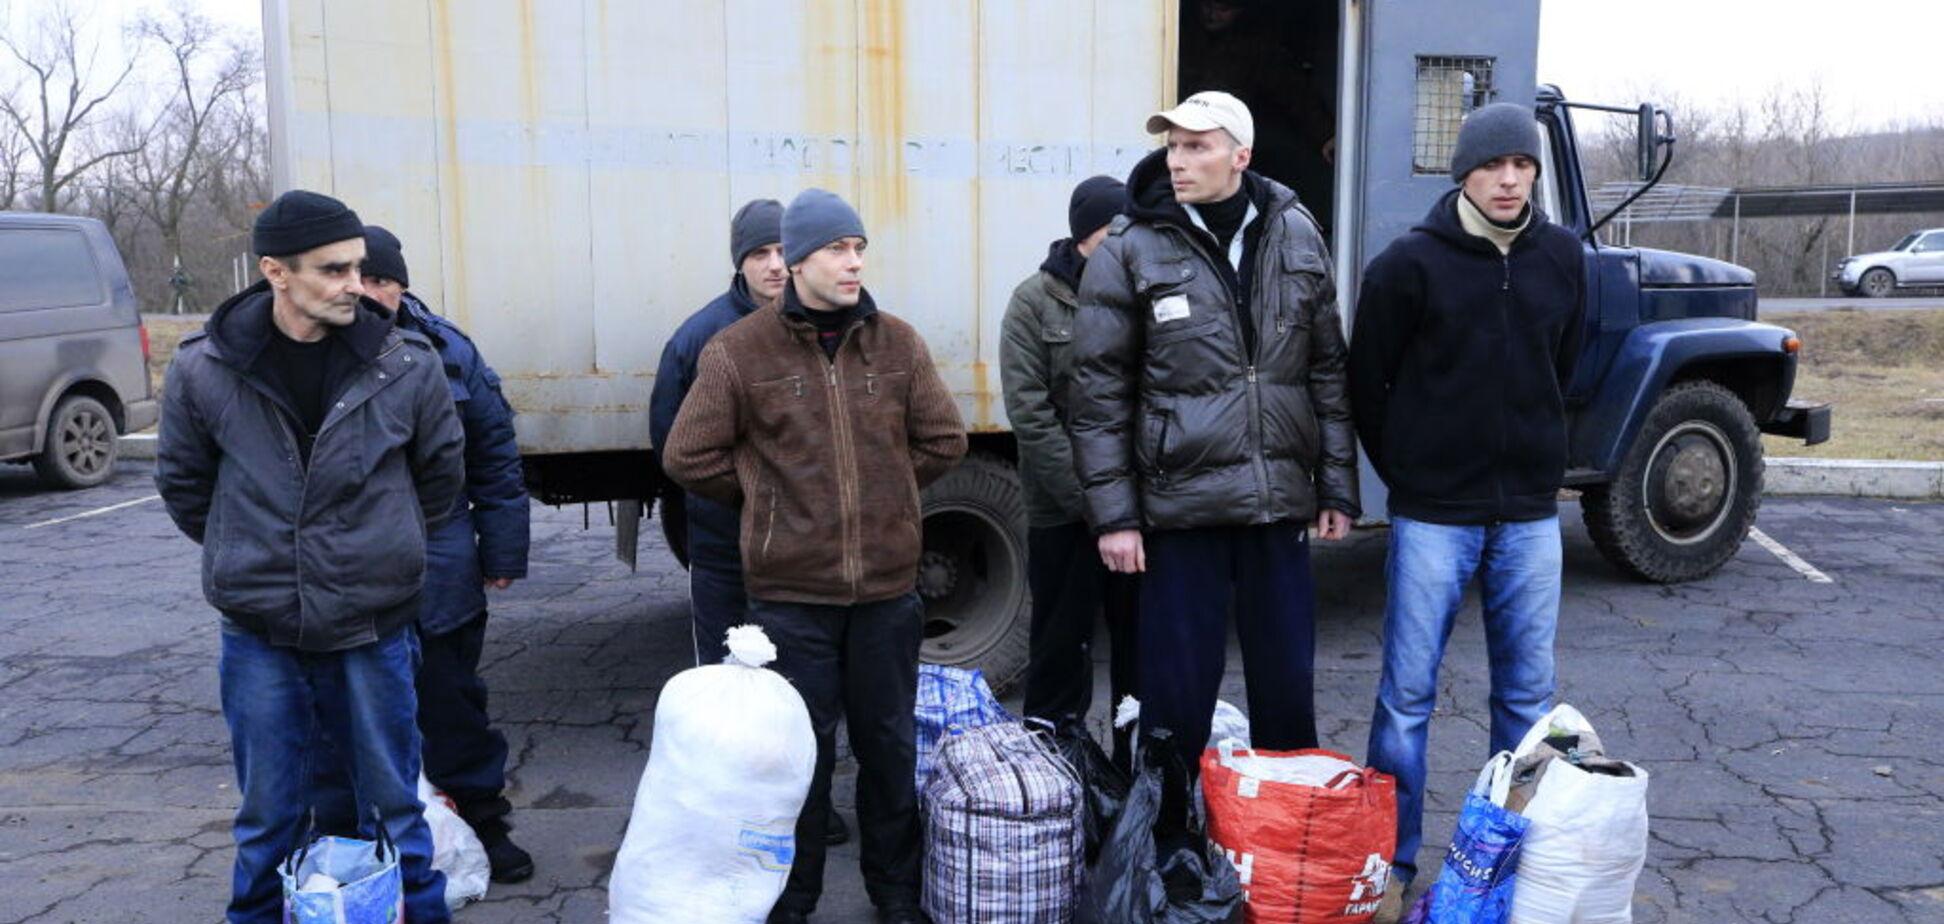 'Сидят в Донецке четвертый год': стало известно о 'важных' пленных на Донбассе